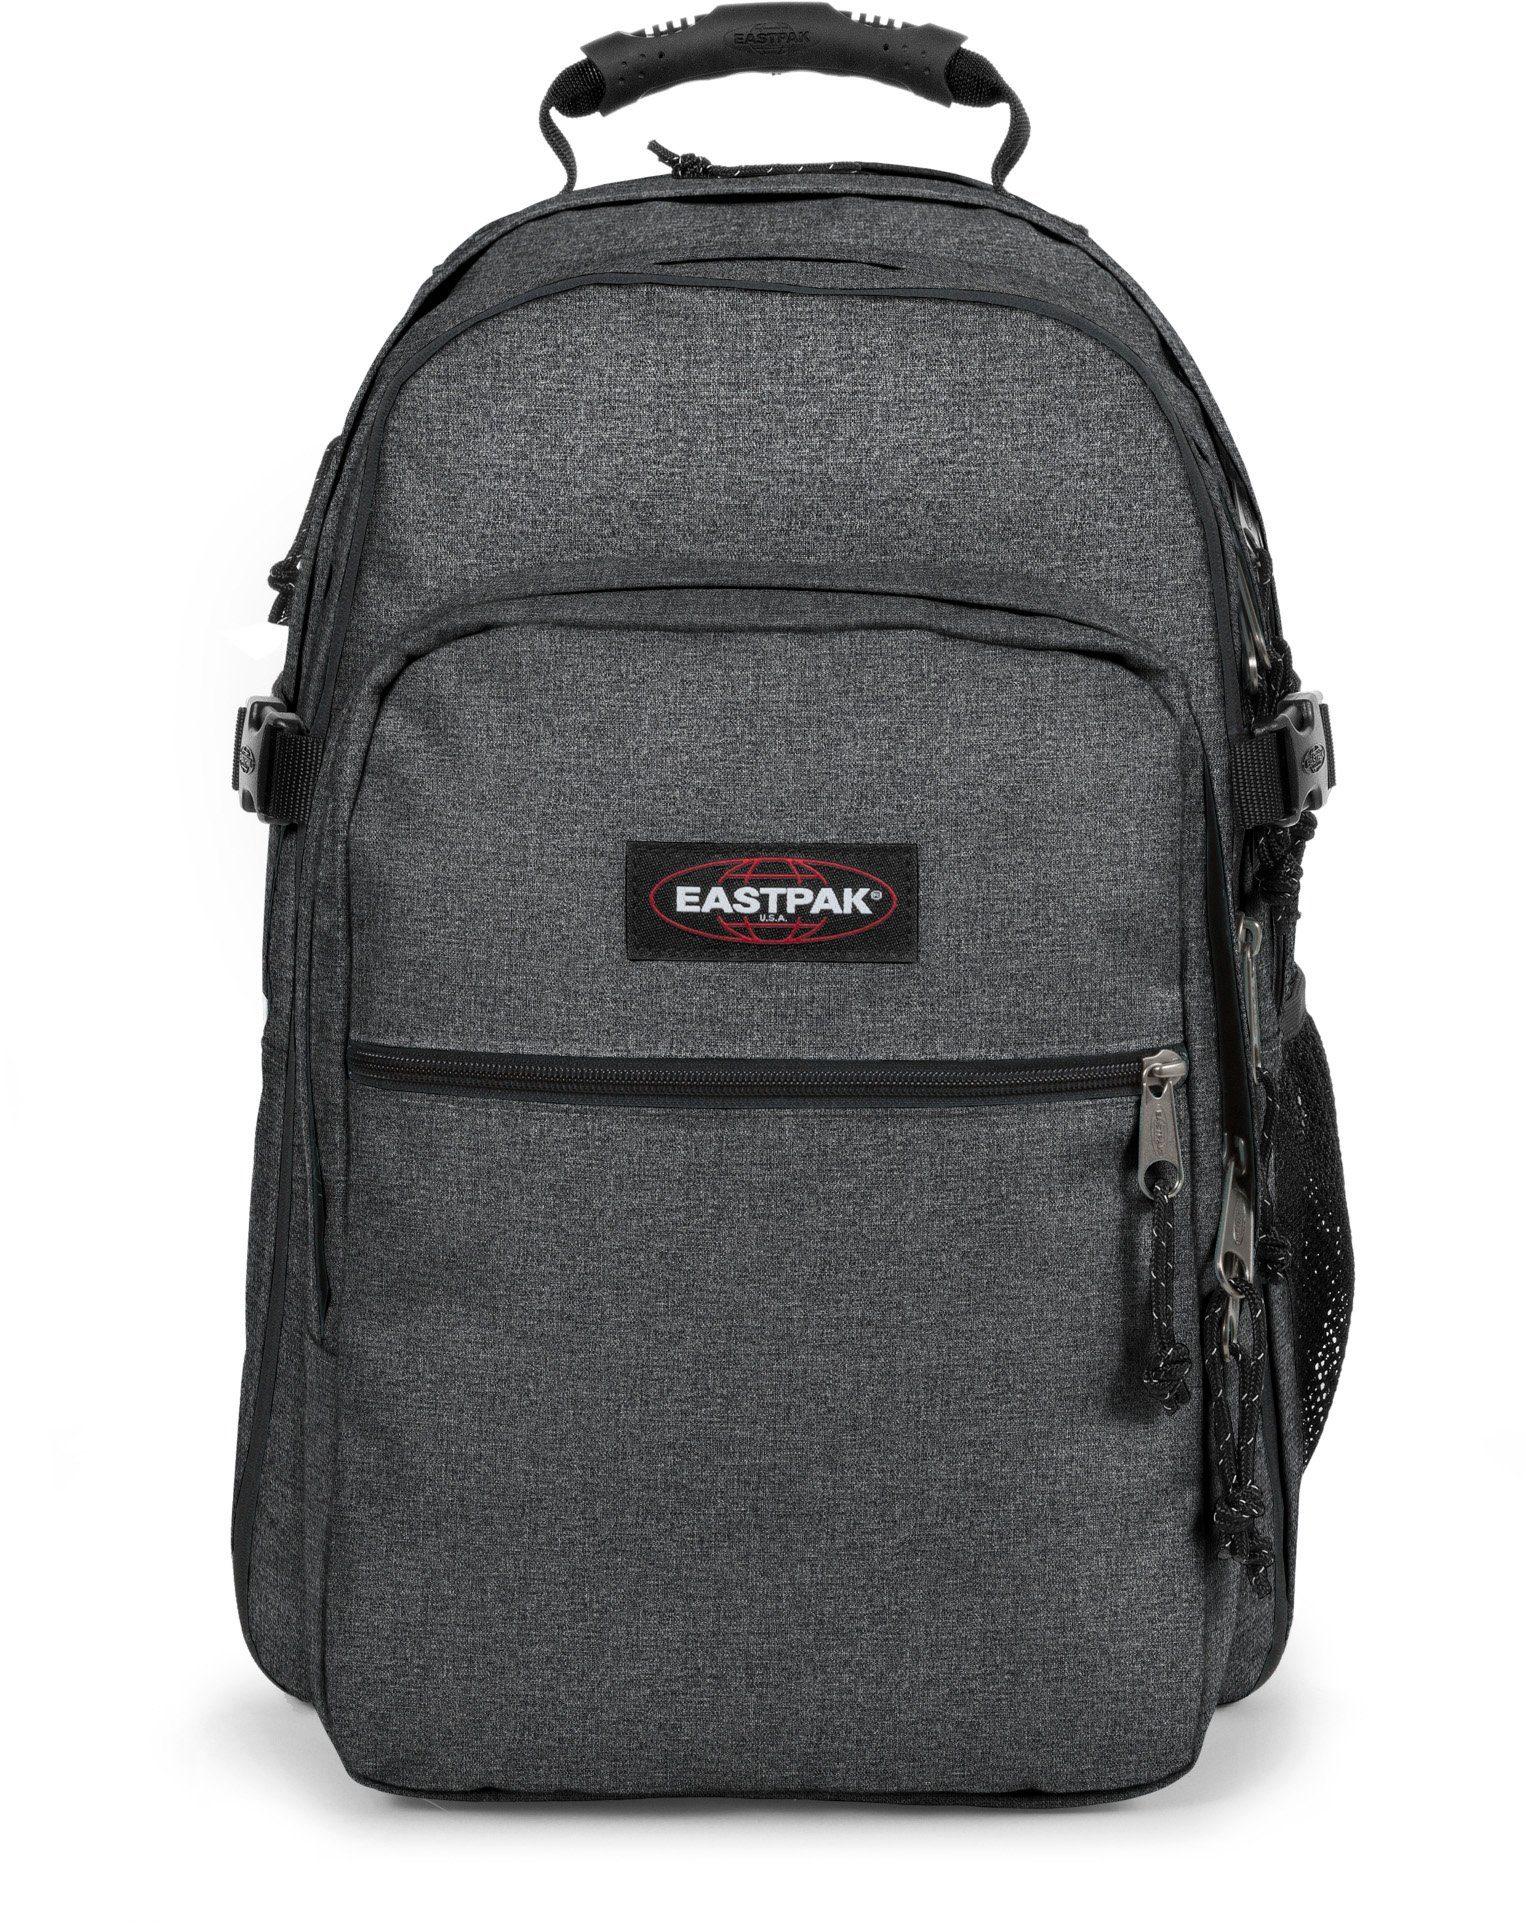 Eastpak Rucksack mit Laptopfach, »TUTOR black denim«